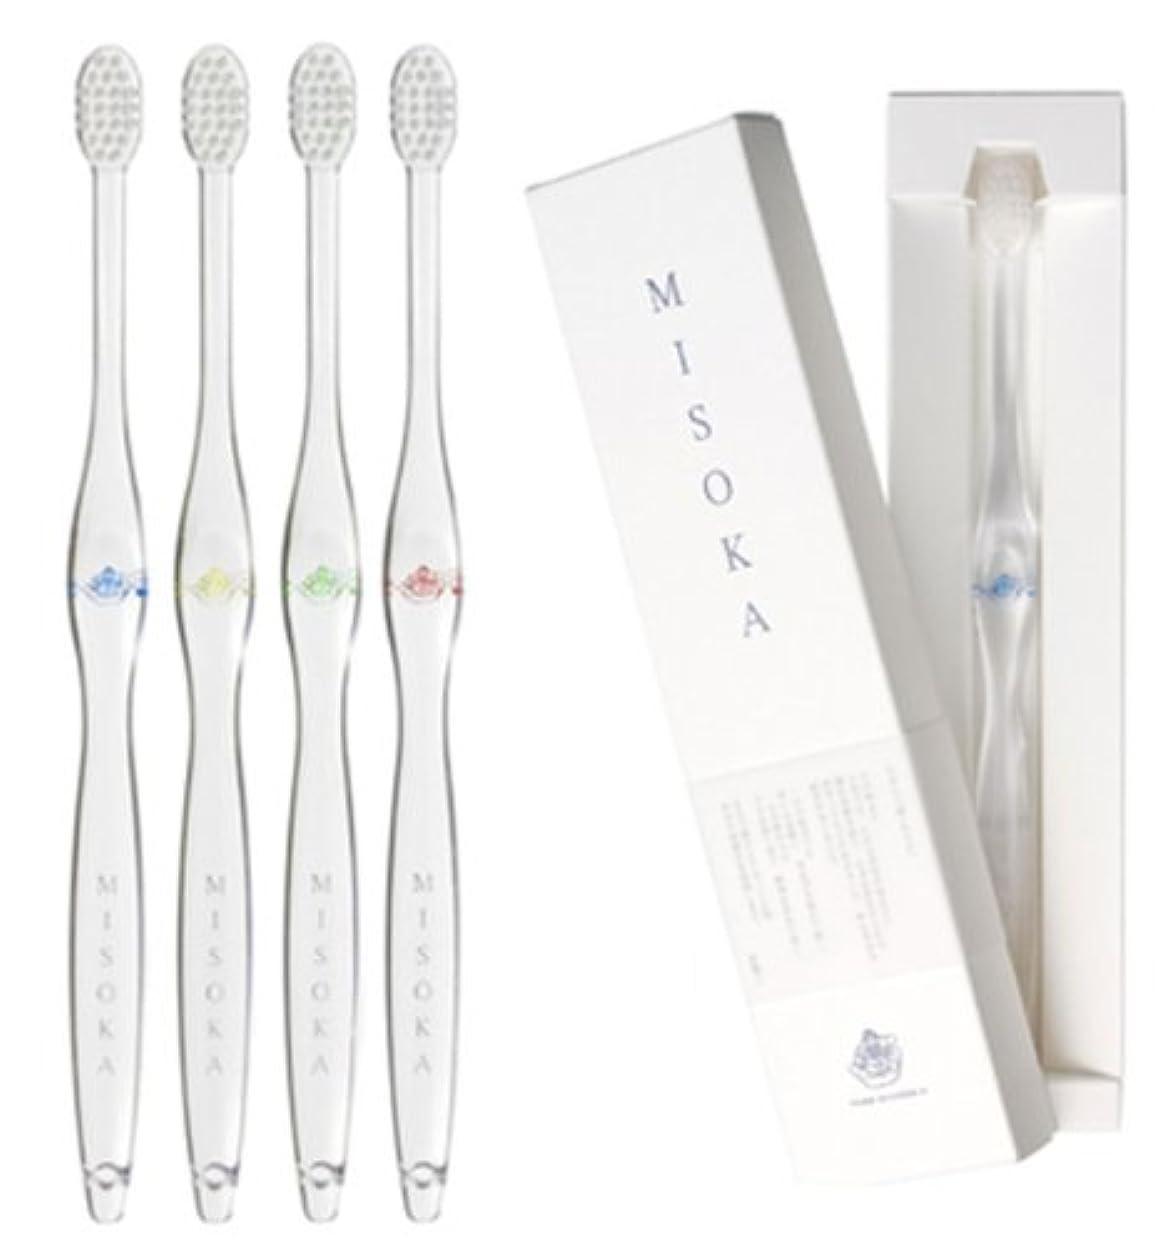 腐った見通しジムMISOKA 夢職人 魔法の歯ブラシ / M普通サイズ4本 / ミネラルでできているから歯磨き粉不要! / 旅行に便利! / ナノテク